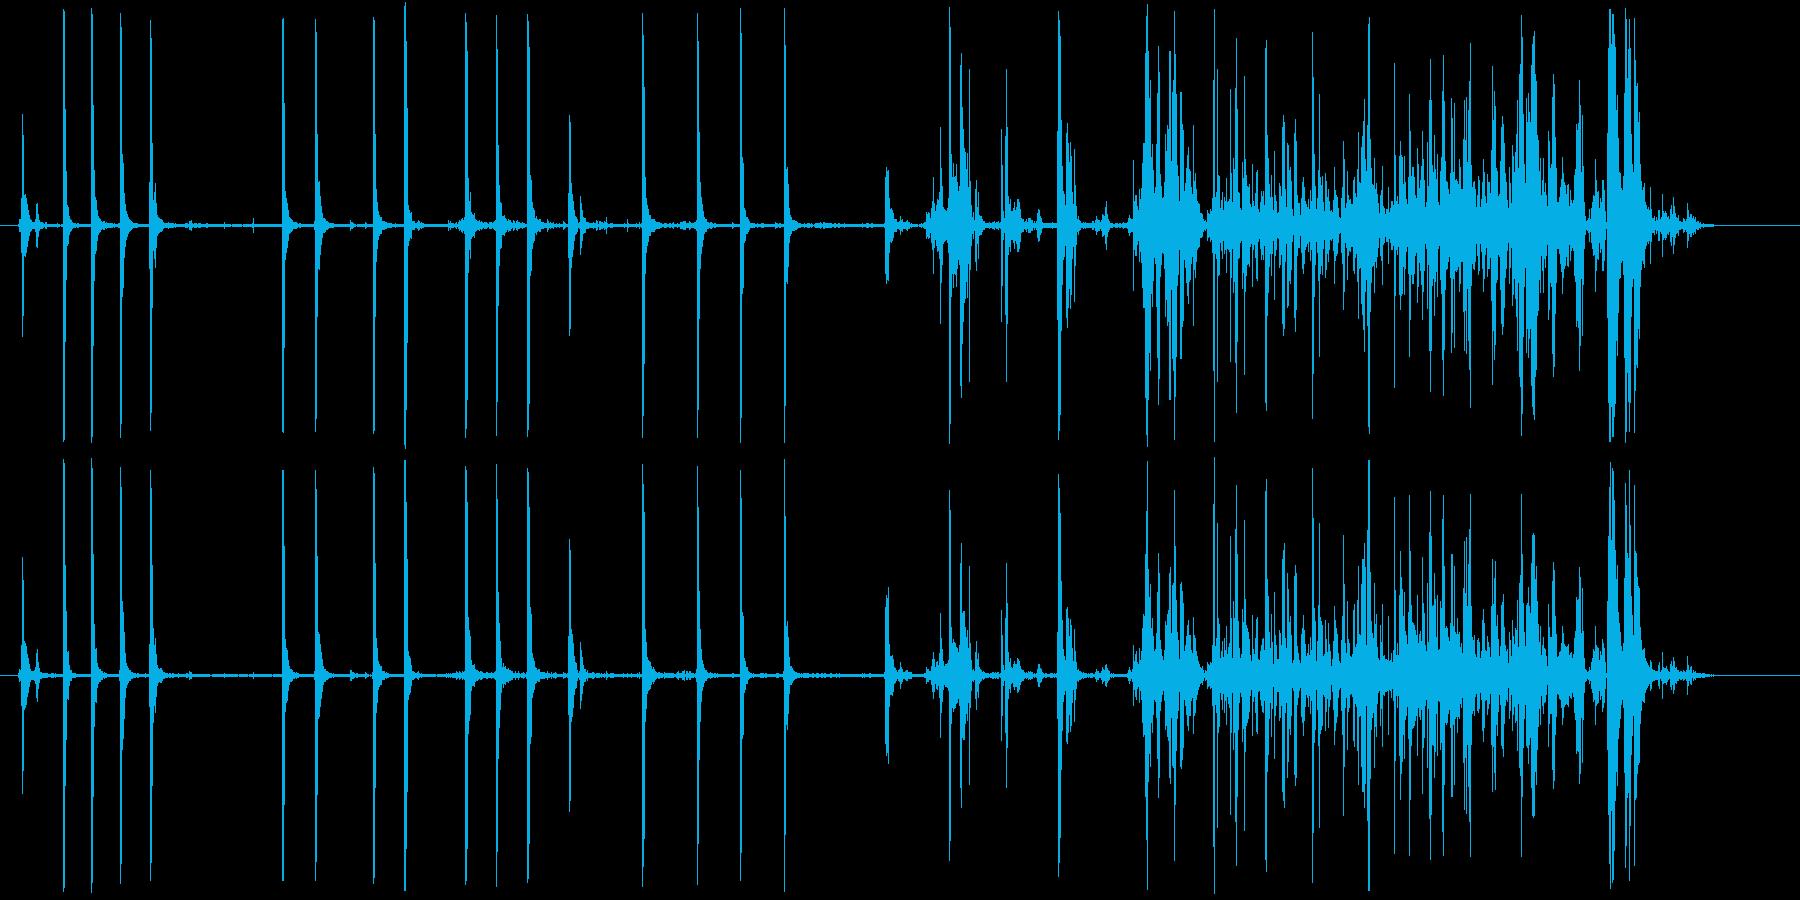 バレルメーカー01;バレルメーカー...の再生済みの波形